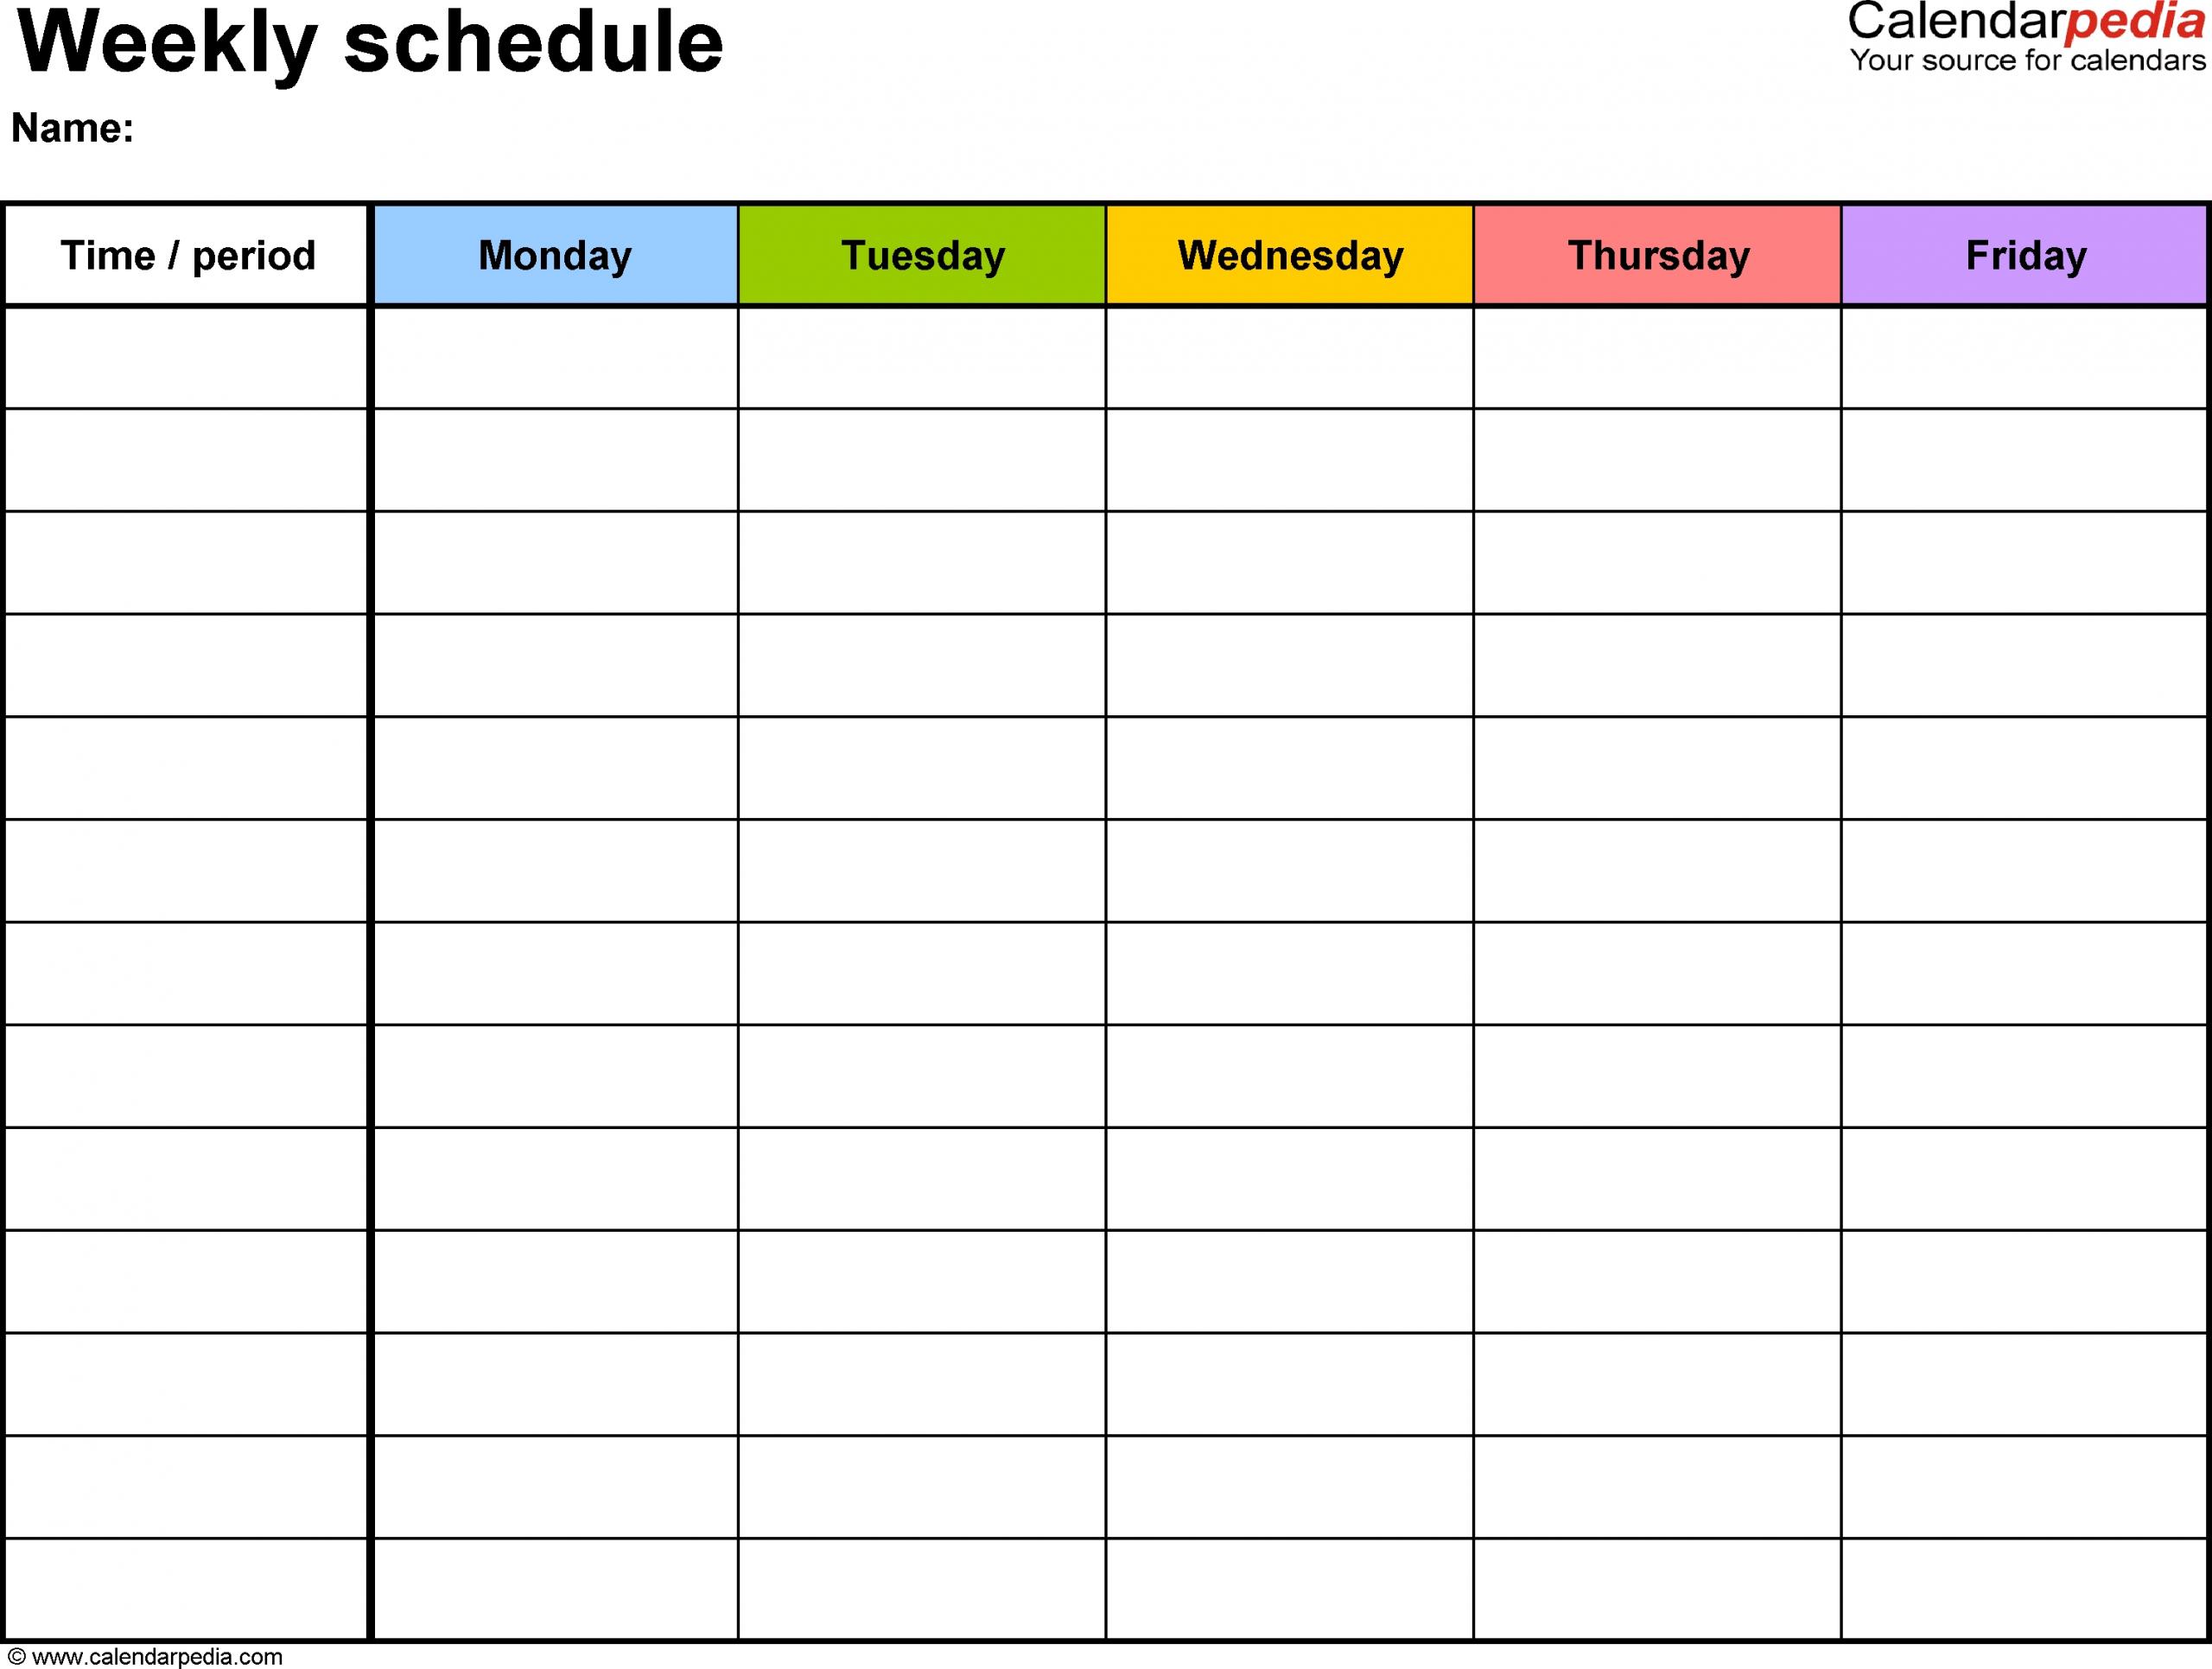 Free Printable Calendar Monday Through Friday | Calendar